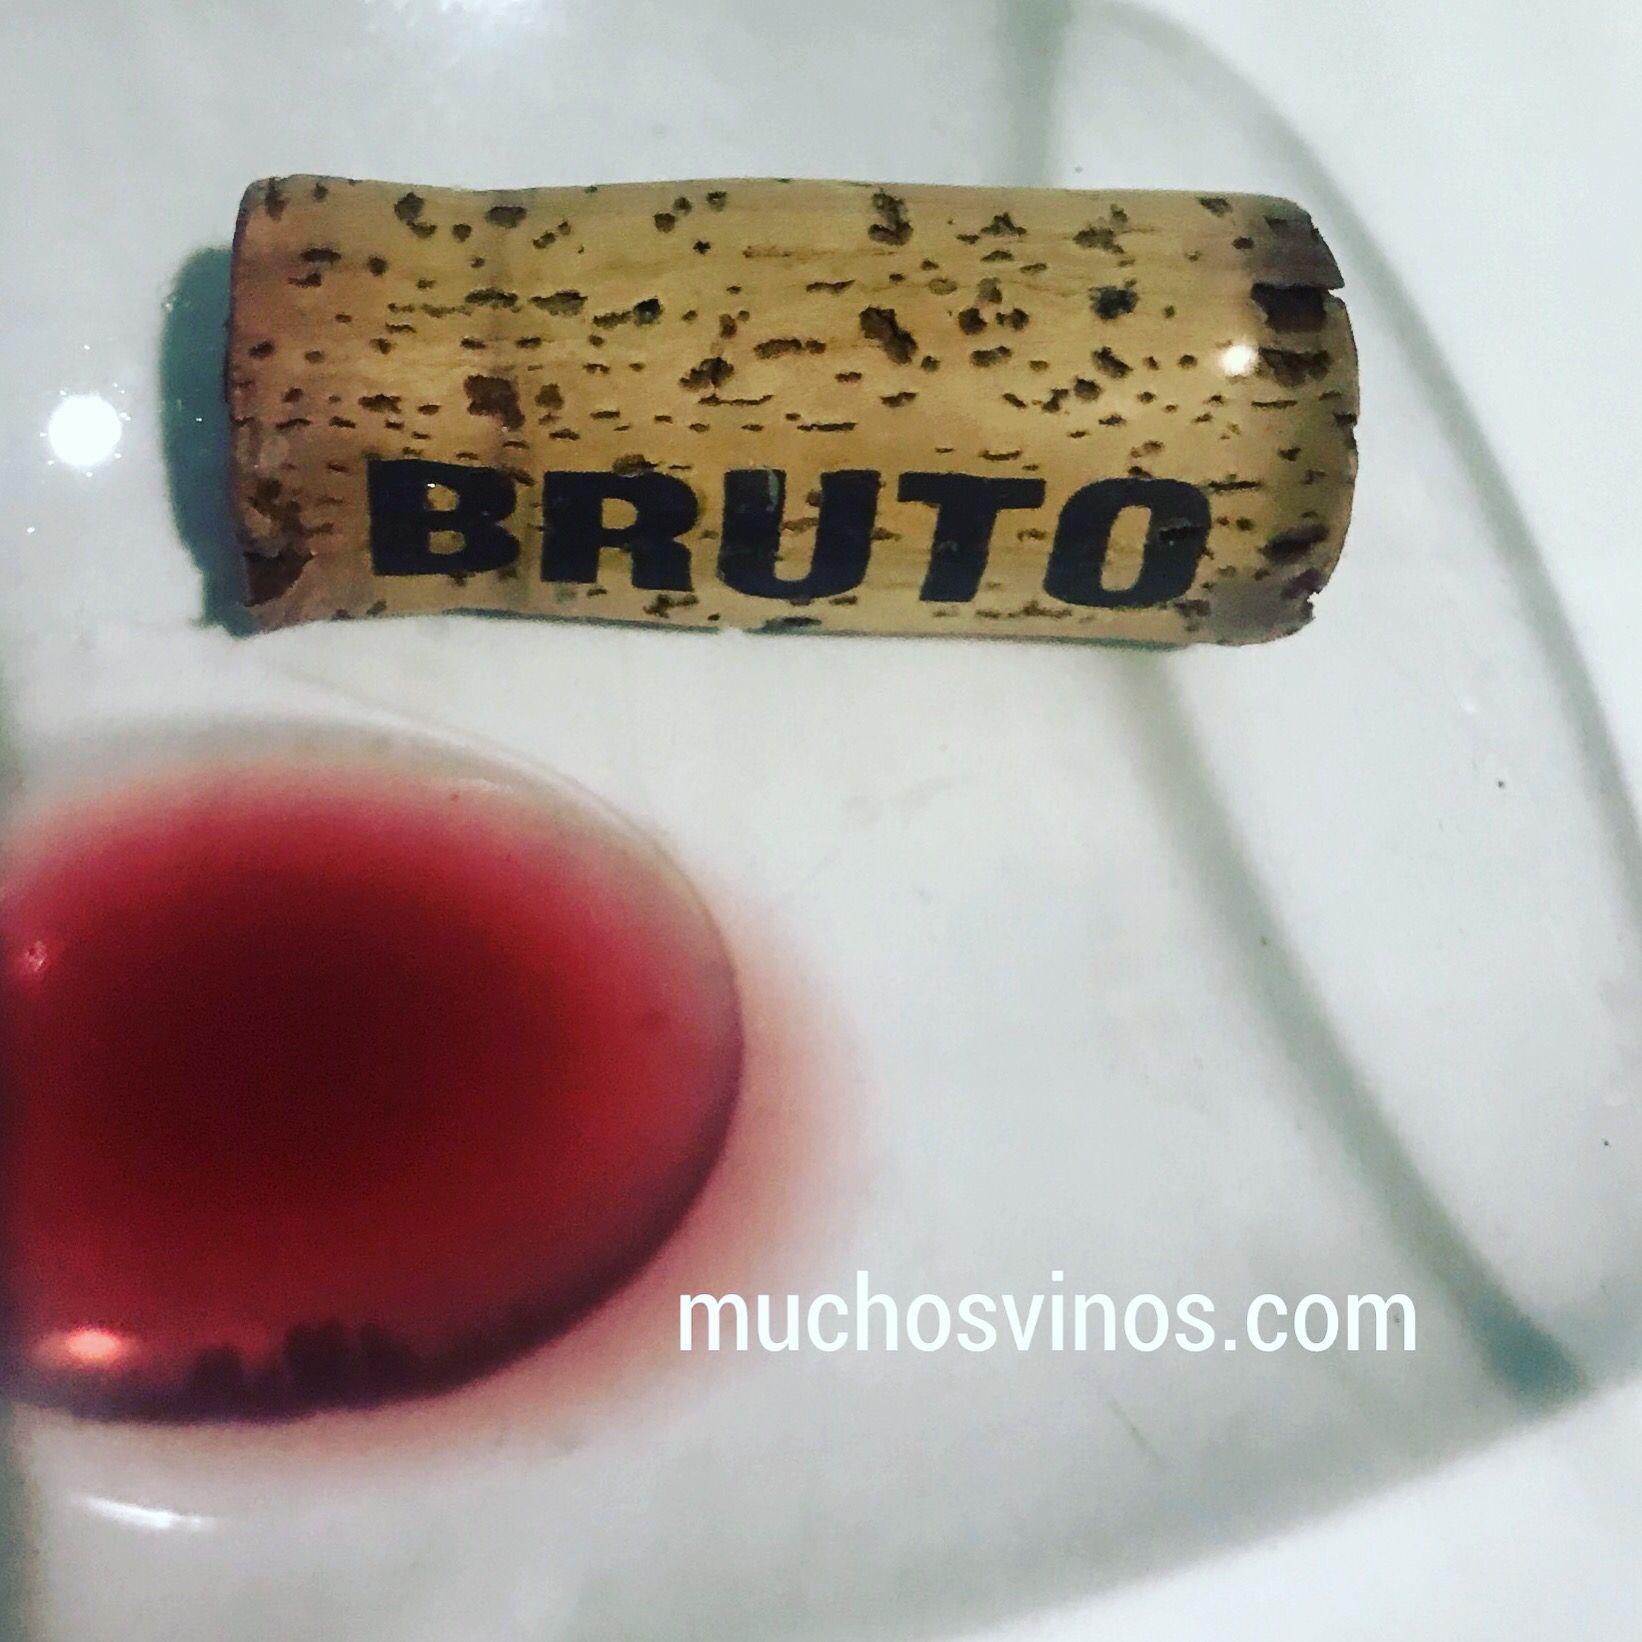 Disfruta A Lo Bruto Dia De Fiesta Vino Tinto Vinos